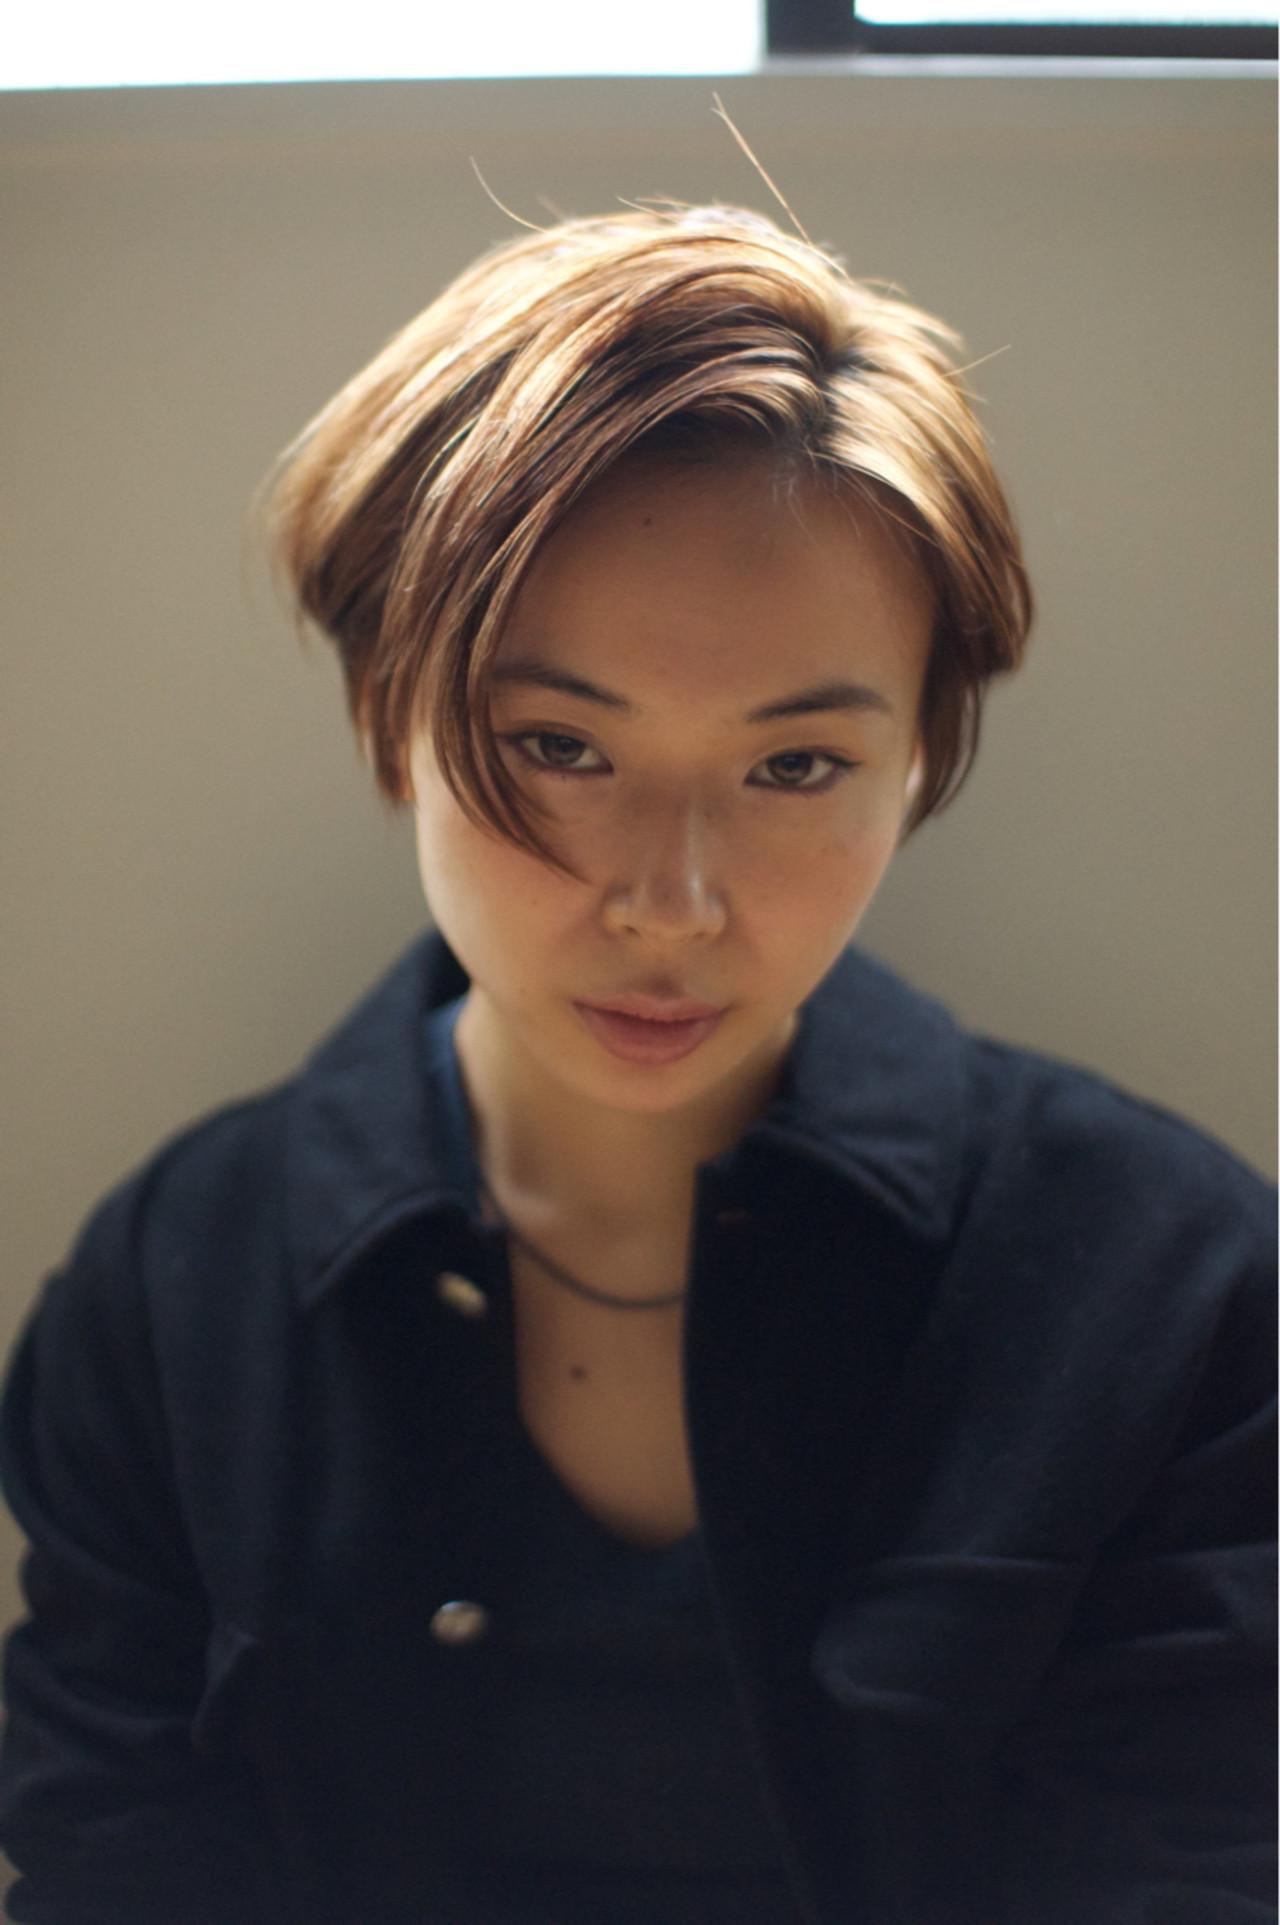 サイドアップ 耳かけ 黒髪 レイヤーカット ヘアスタイルや髪型の写真・画像